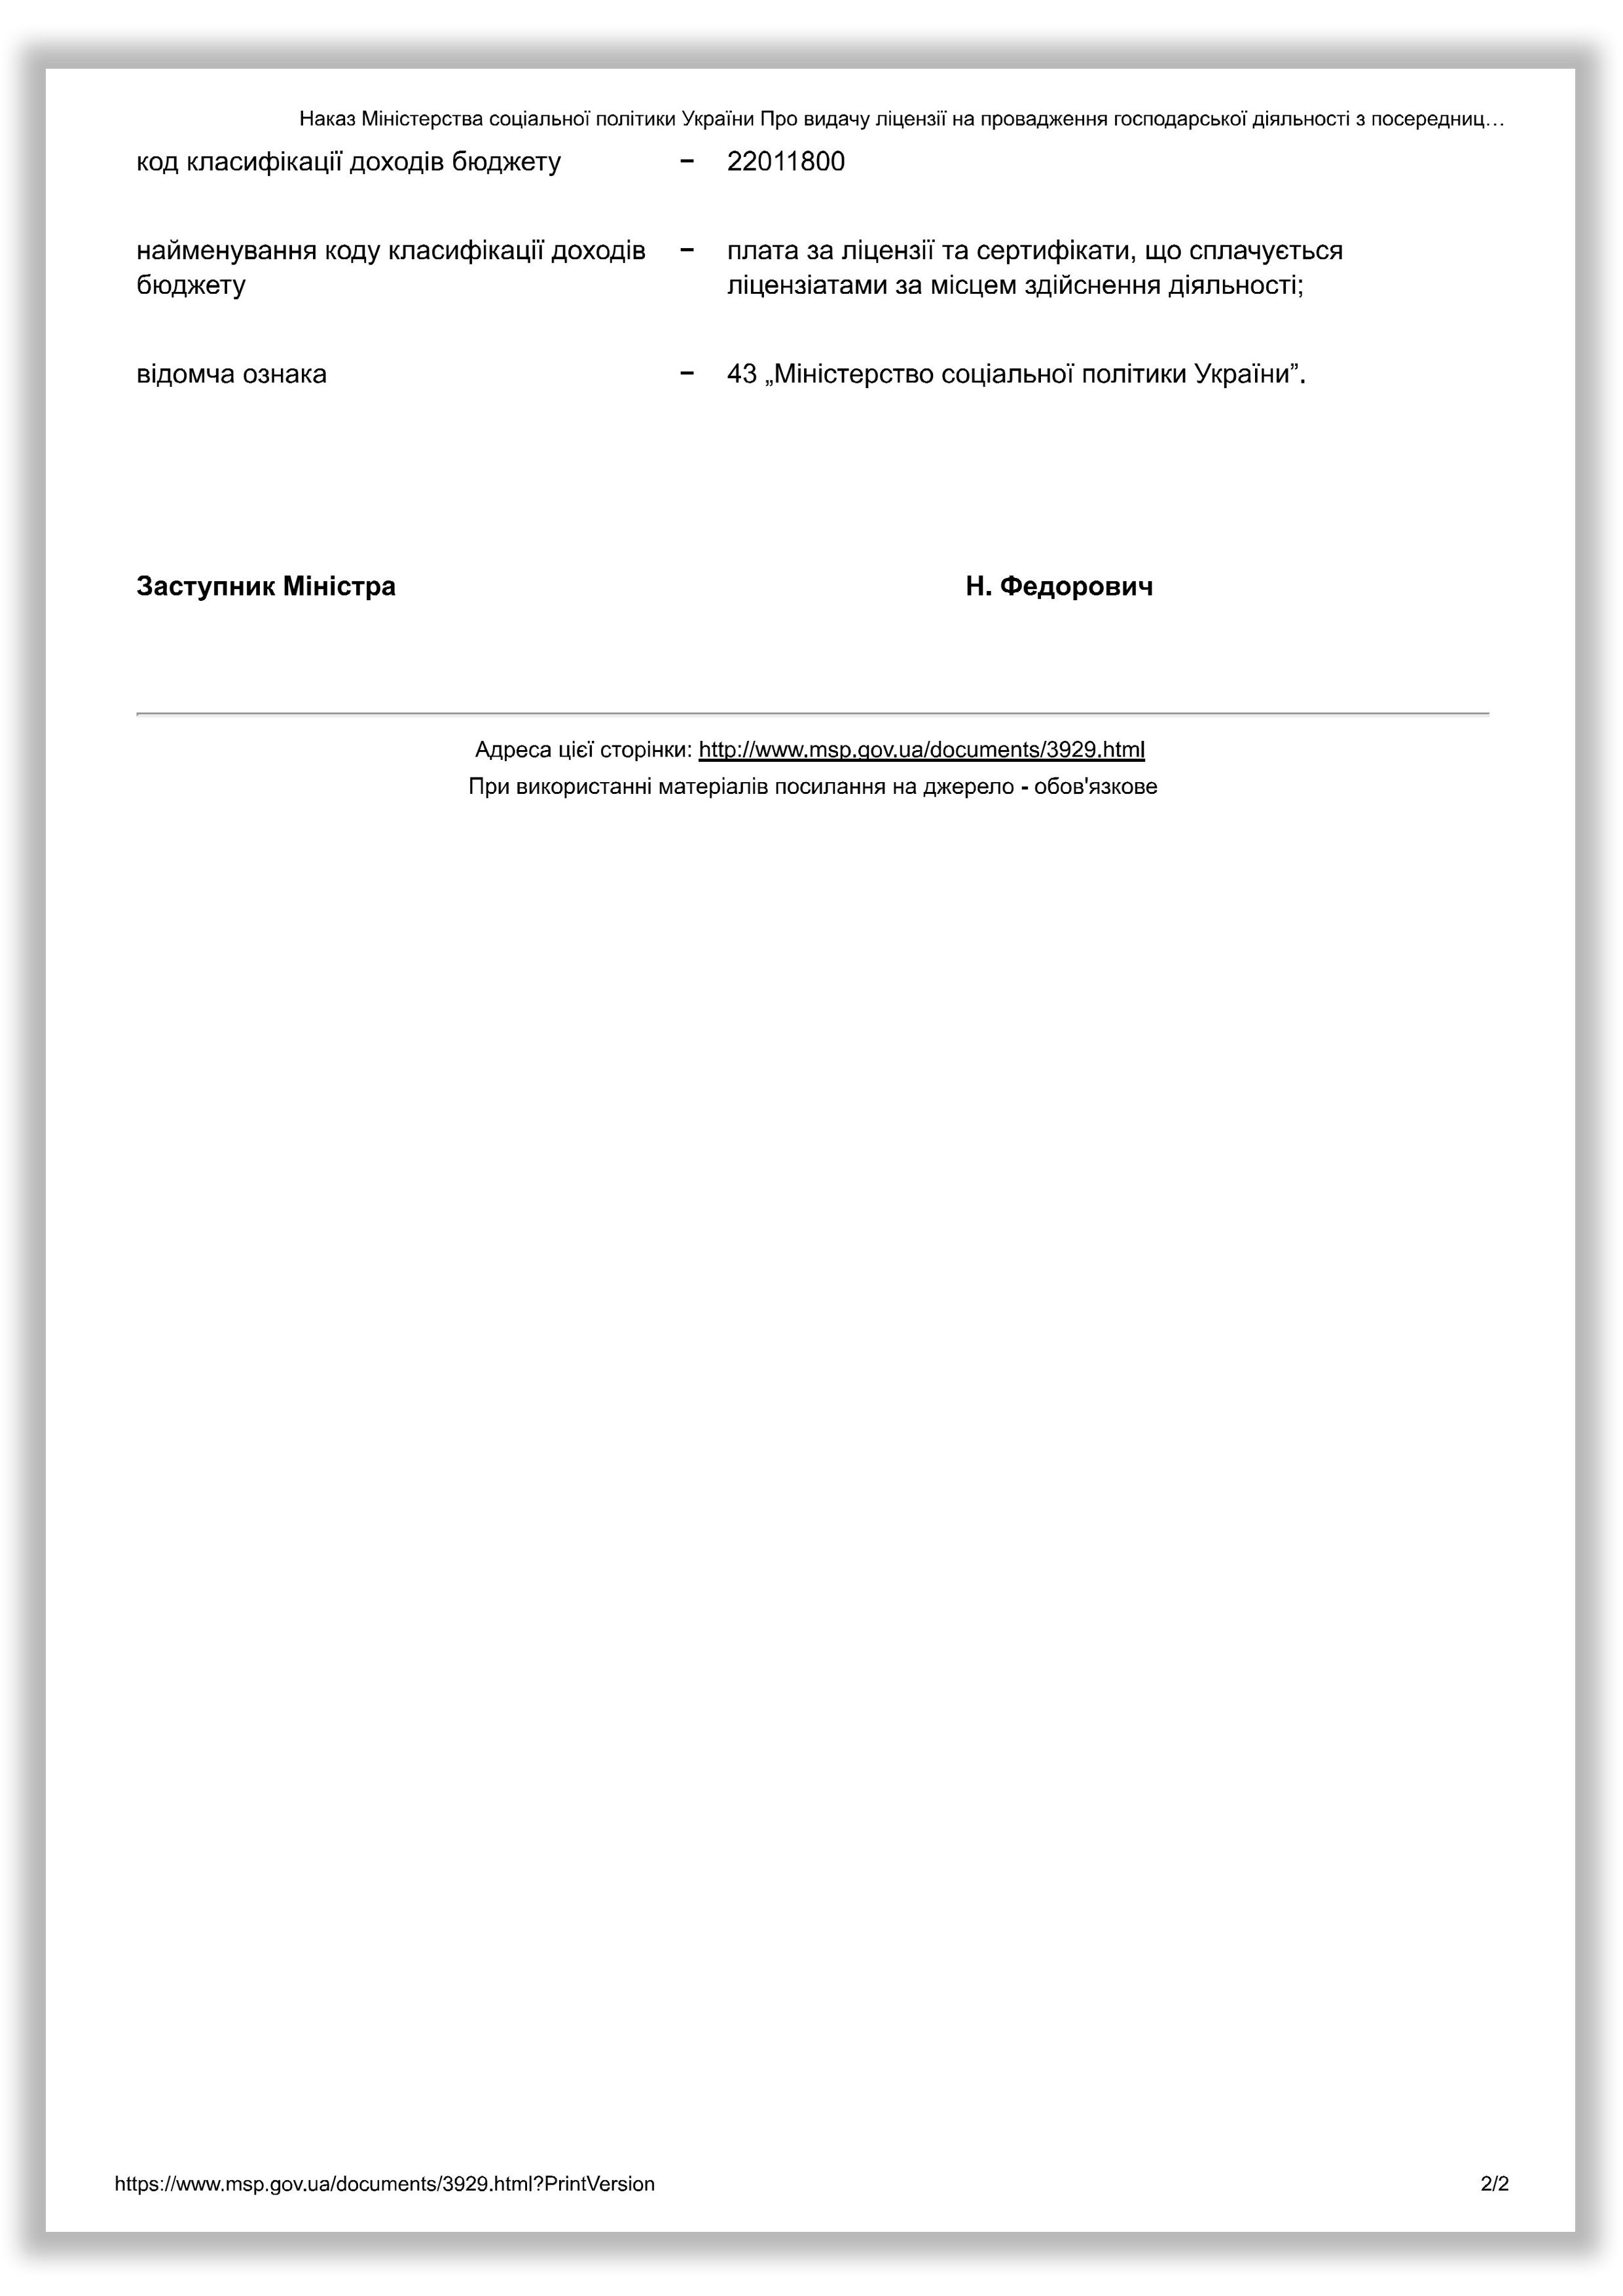 Фото лицензія агенства з працевлаштування Eurojob